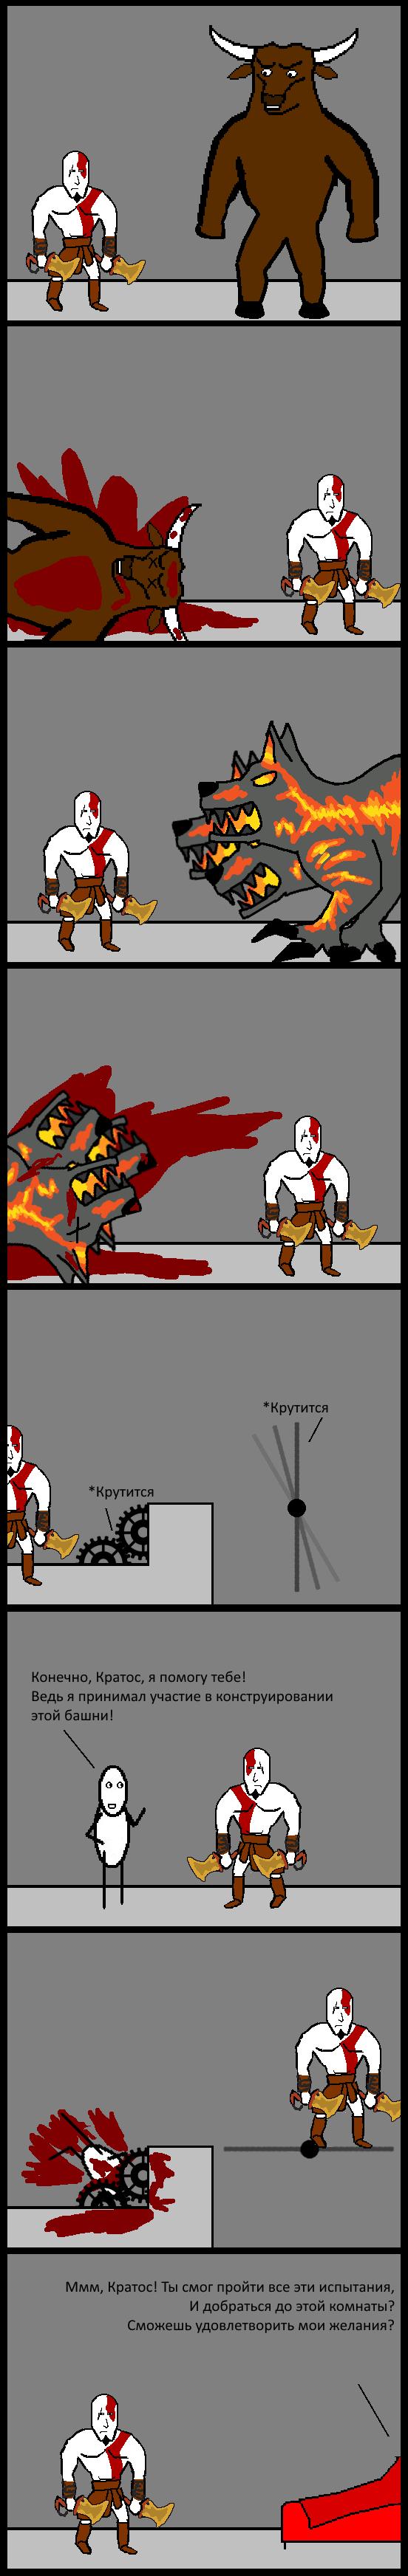 Древнегреческое God of war, Комиксы, Игры, Жестокость, Кратос, Длиннопост